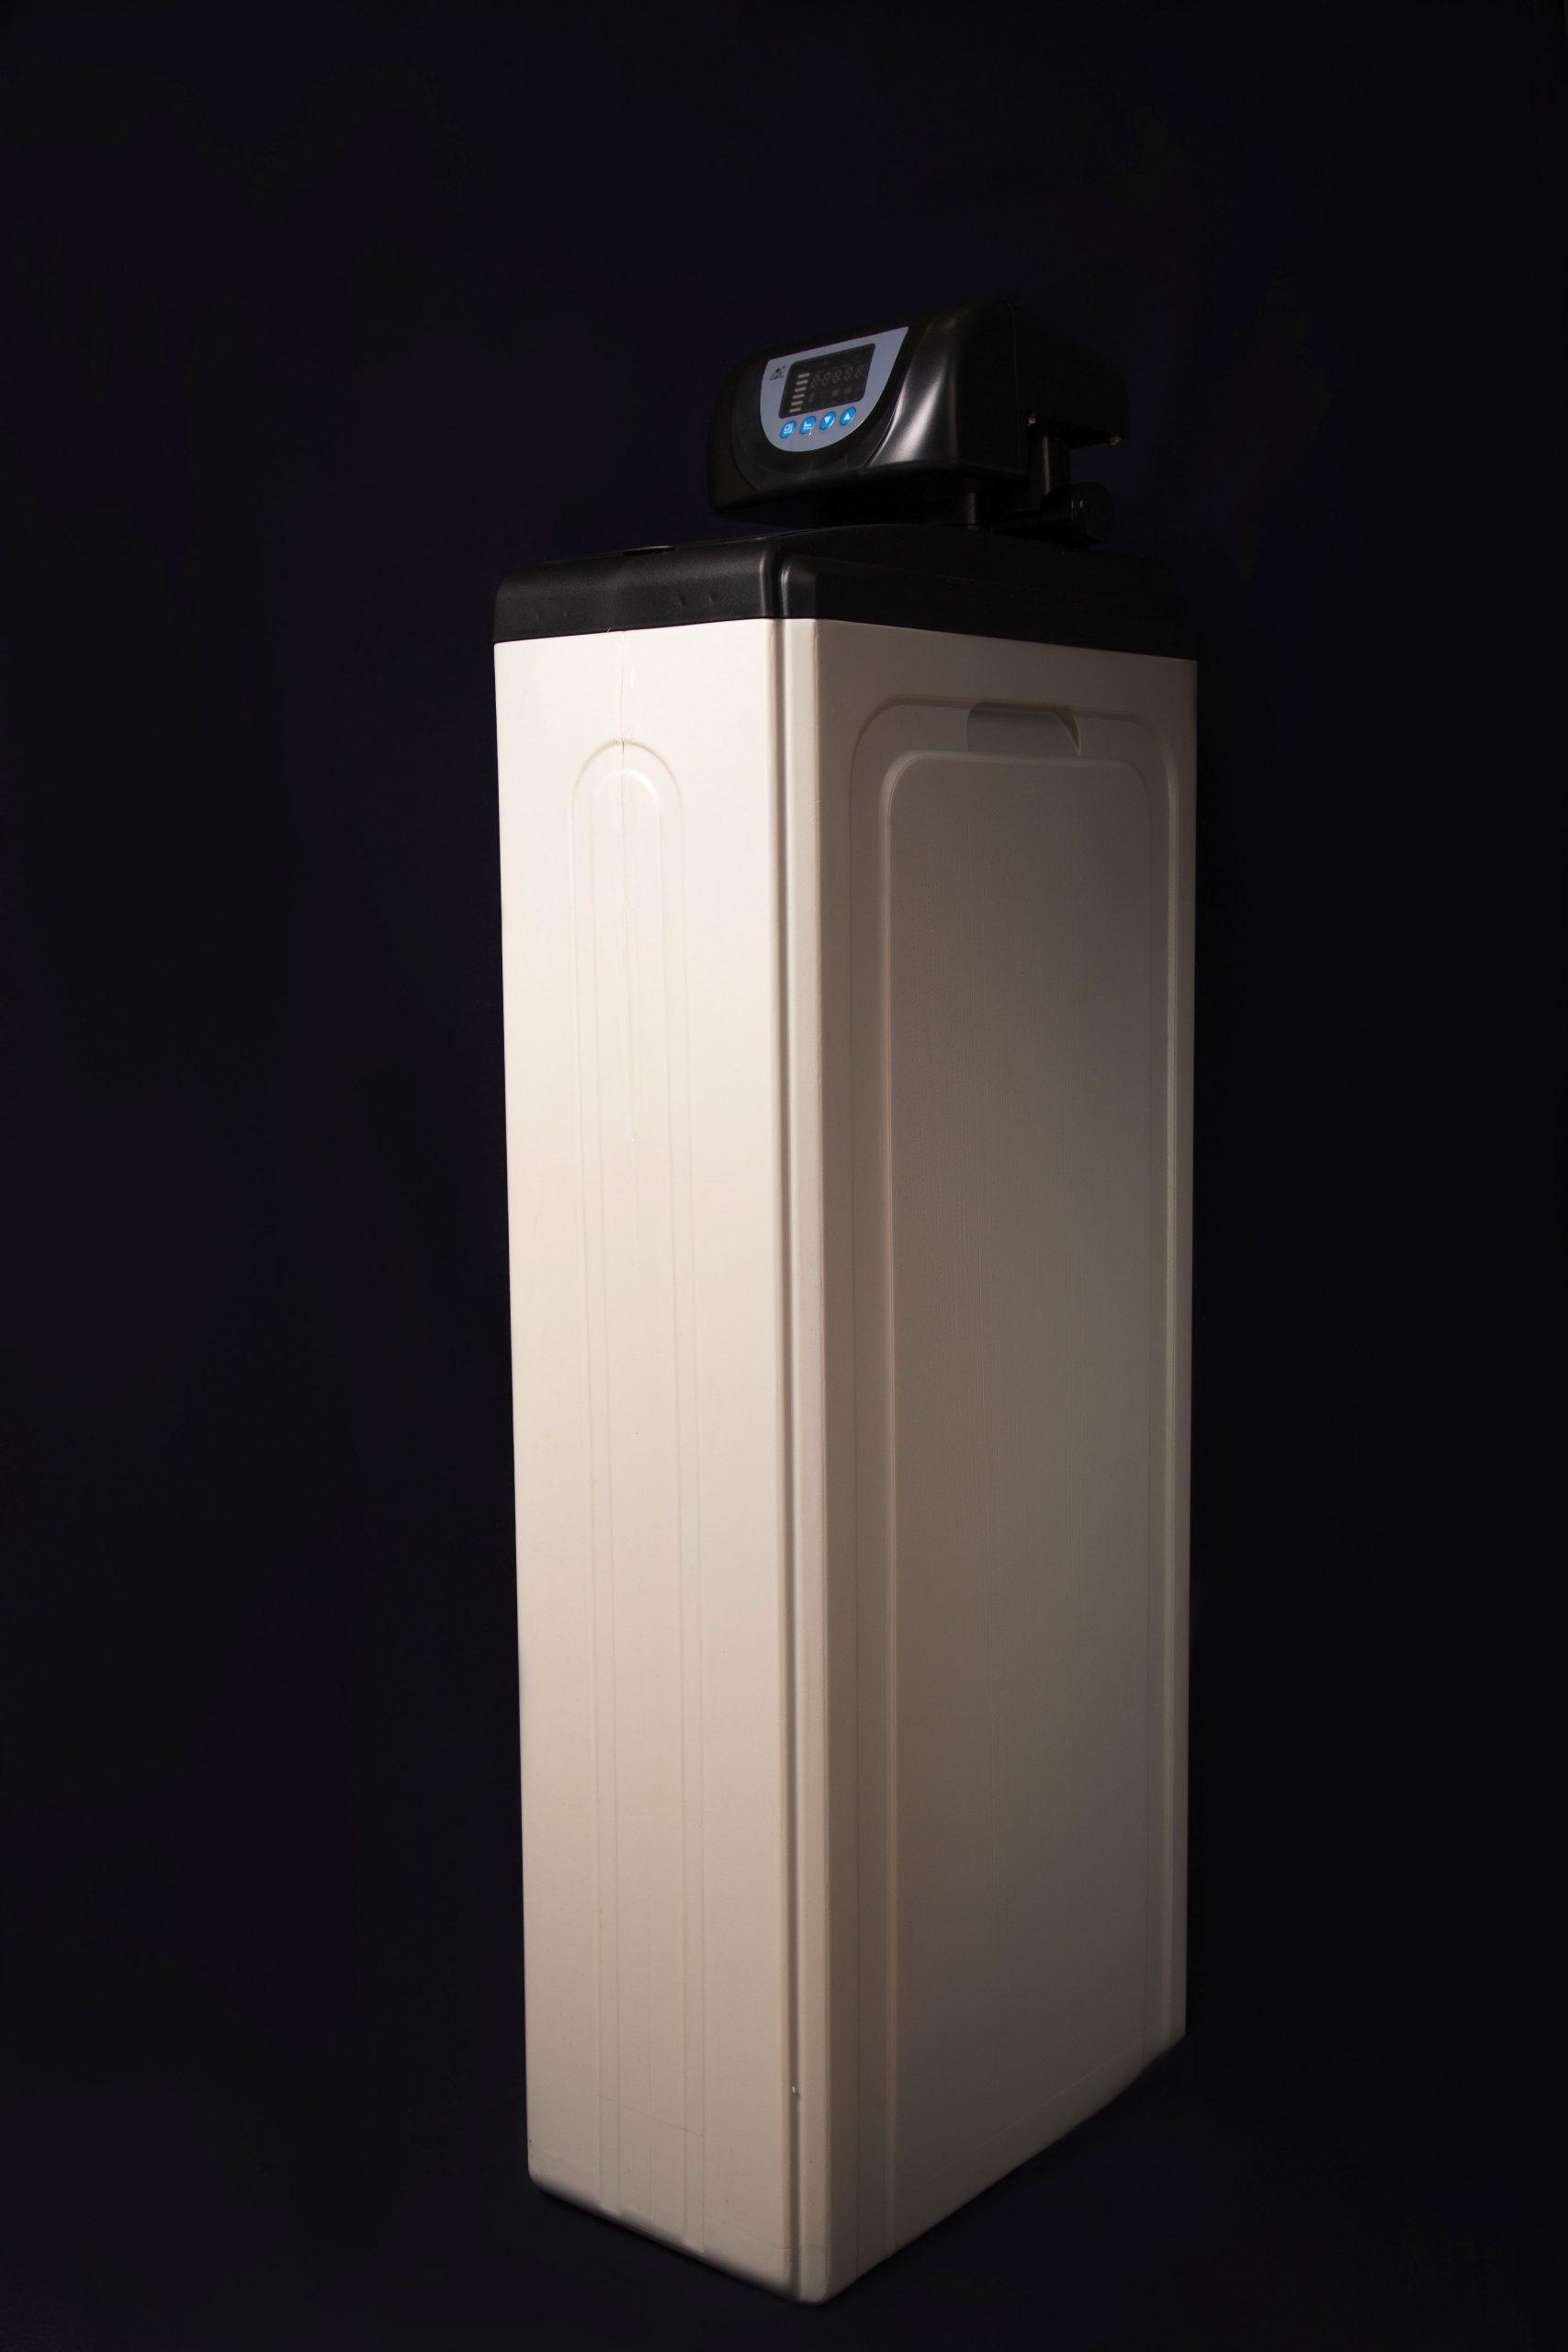 Умягчитель воды c автоматическим управлением FCV-11-25(T) (2000 литров в час)